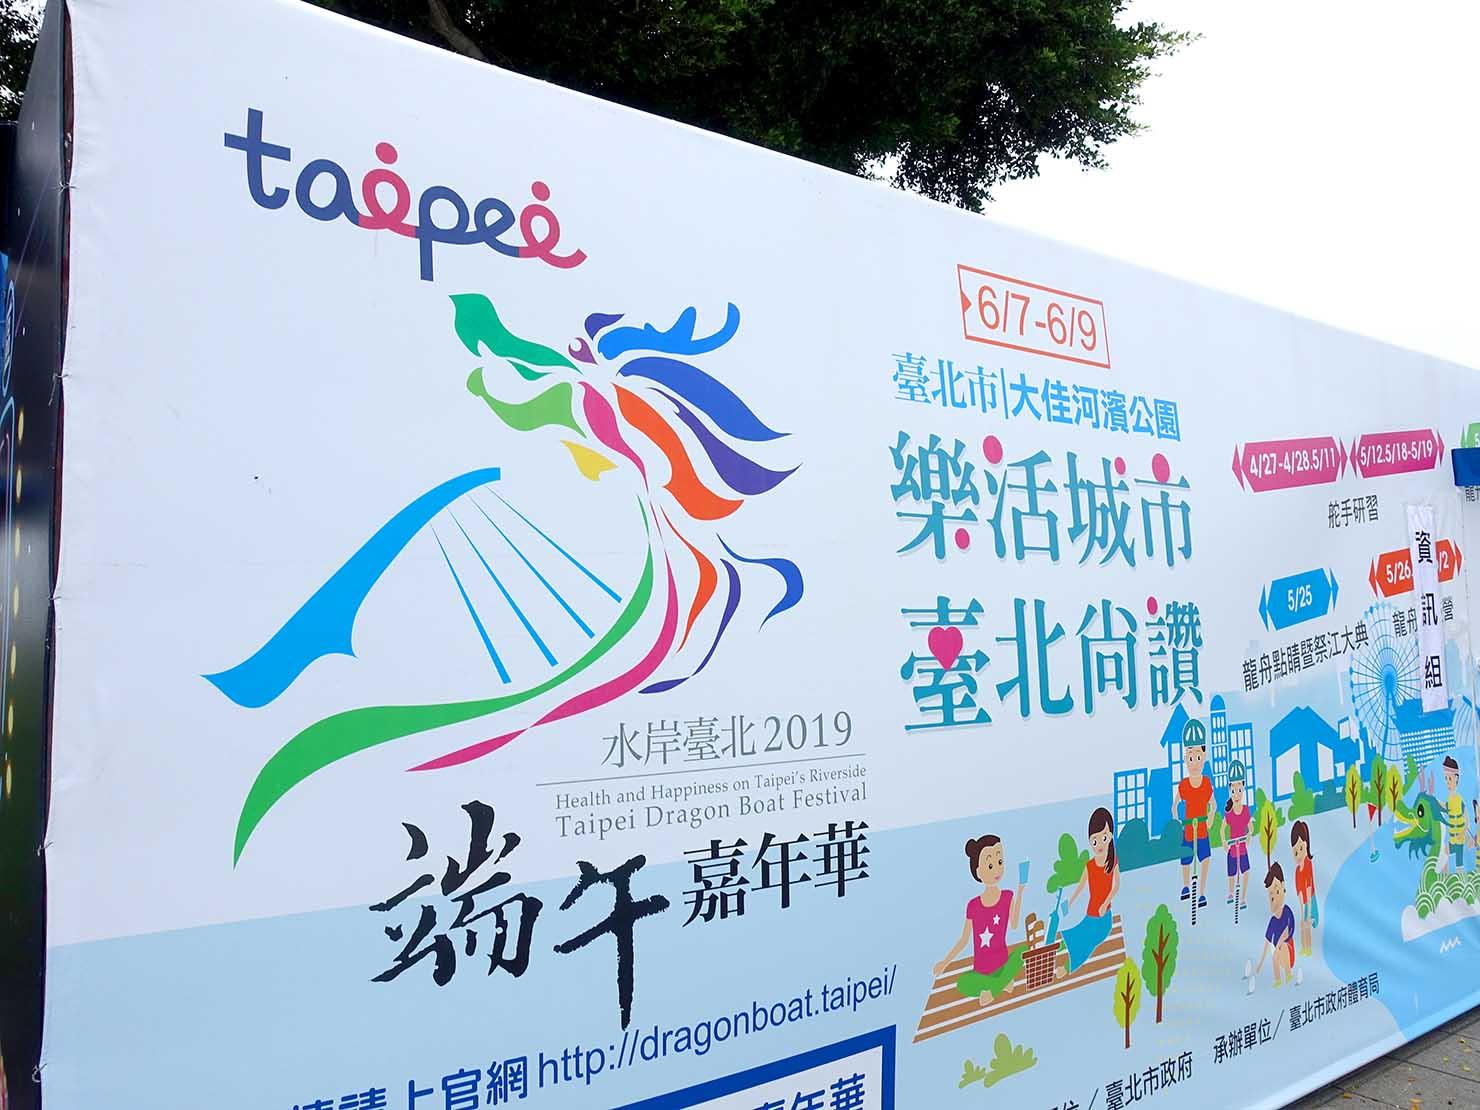 端午節の台北で行われた「龍舟競賽(ドラゴンボートレース)」のイベントポスター